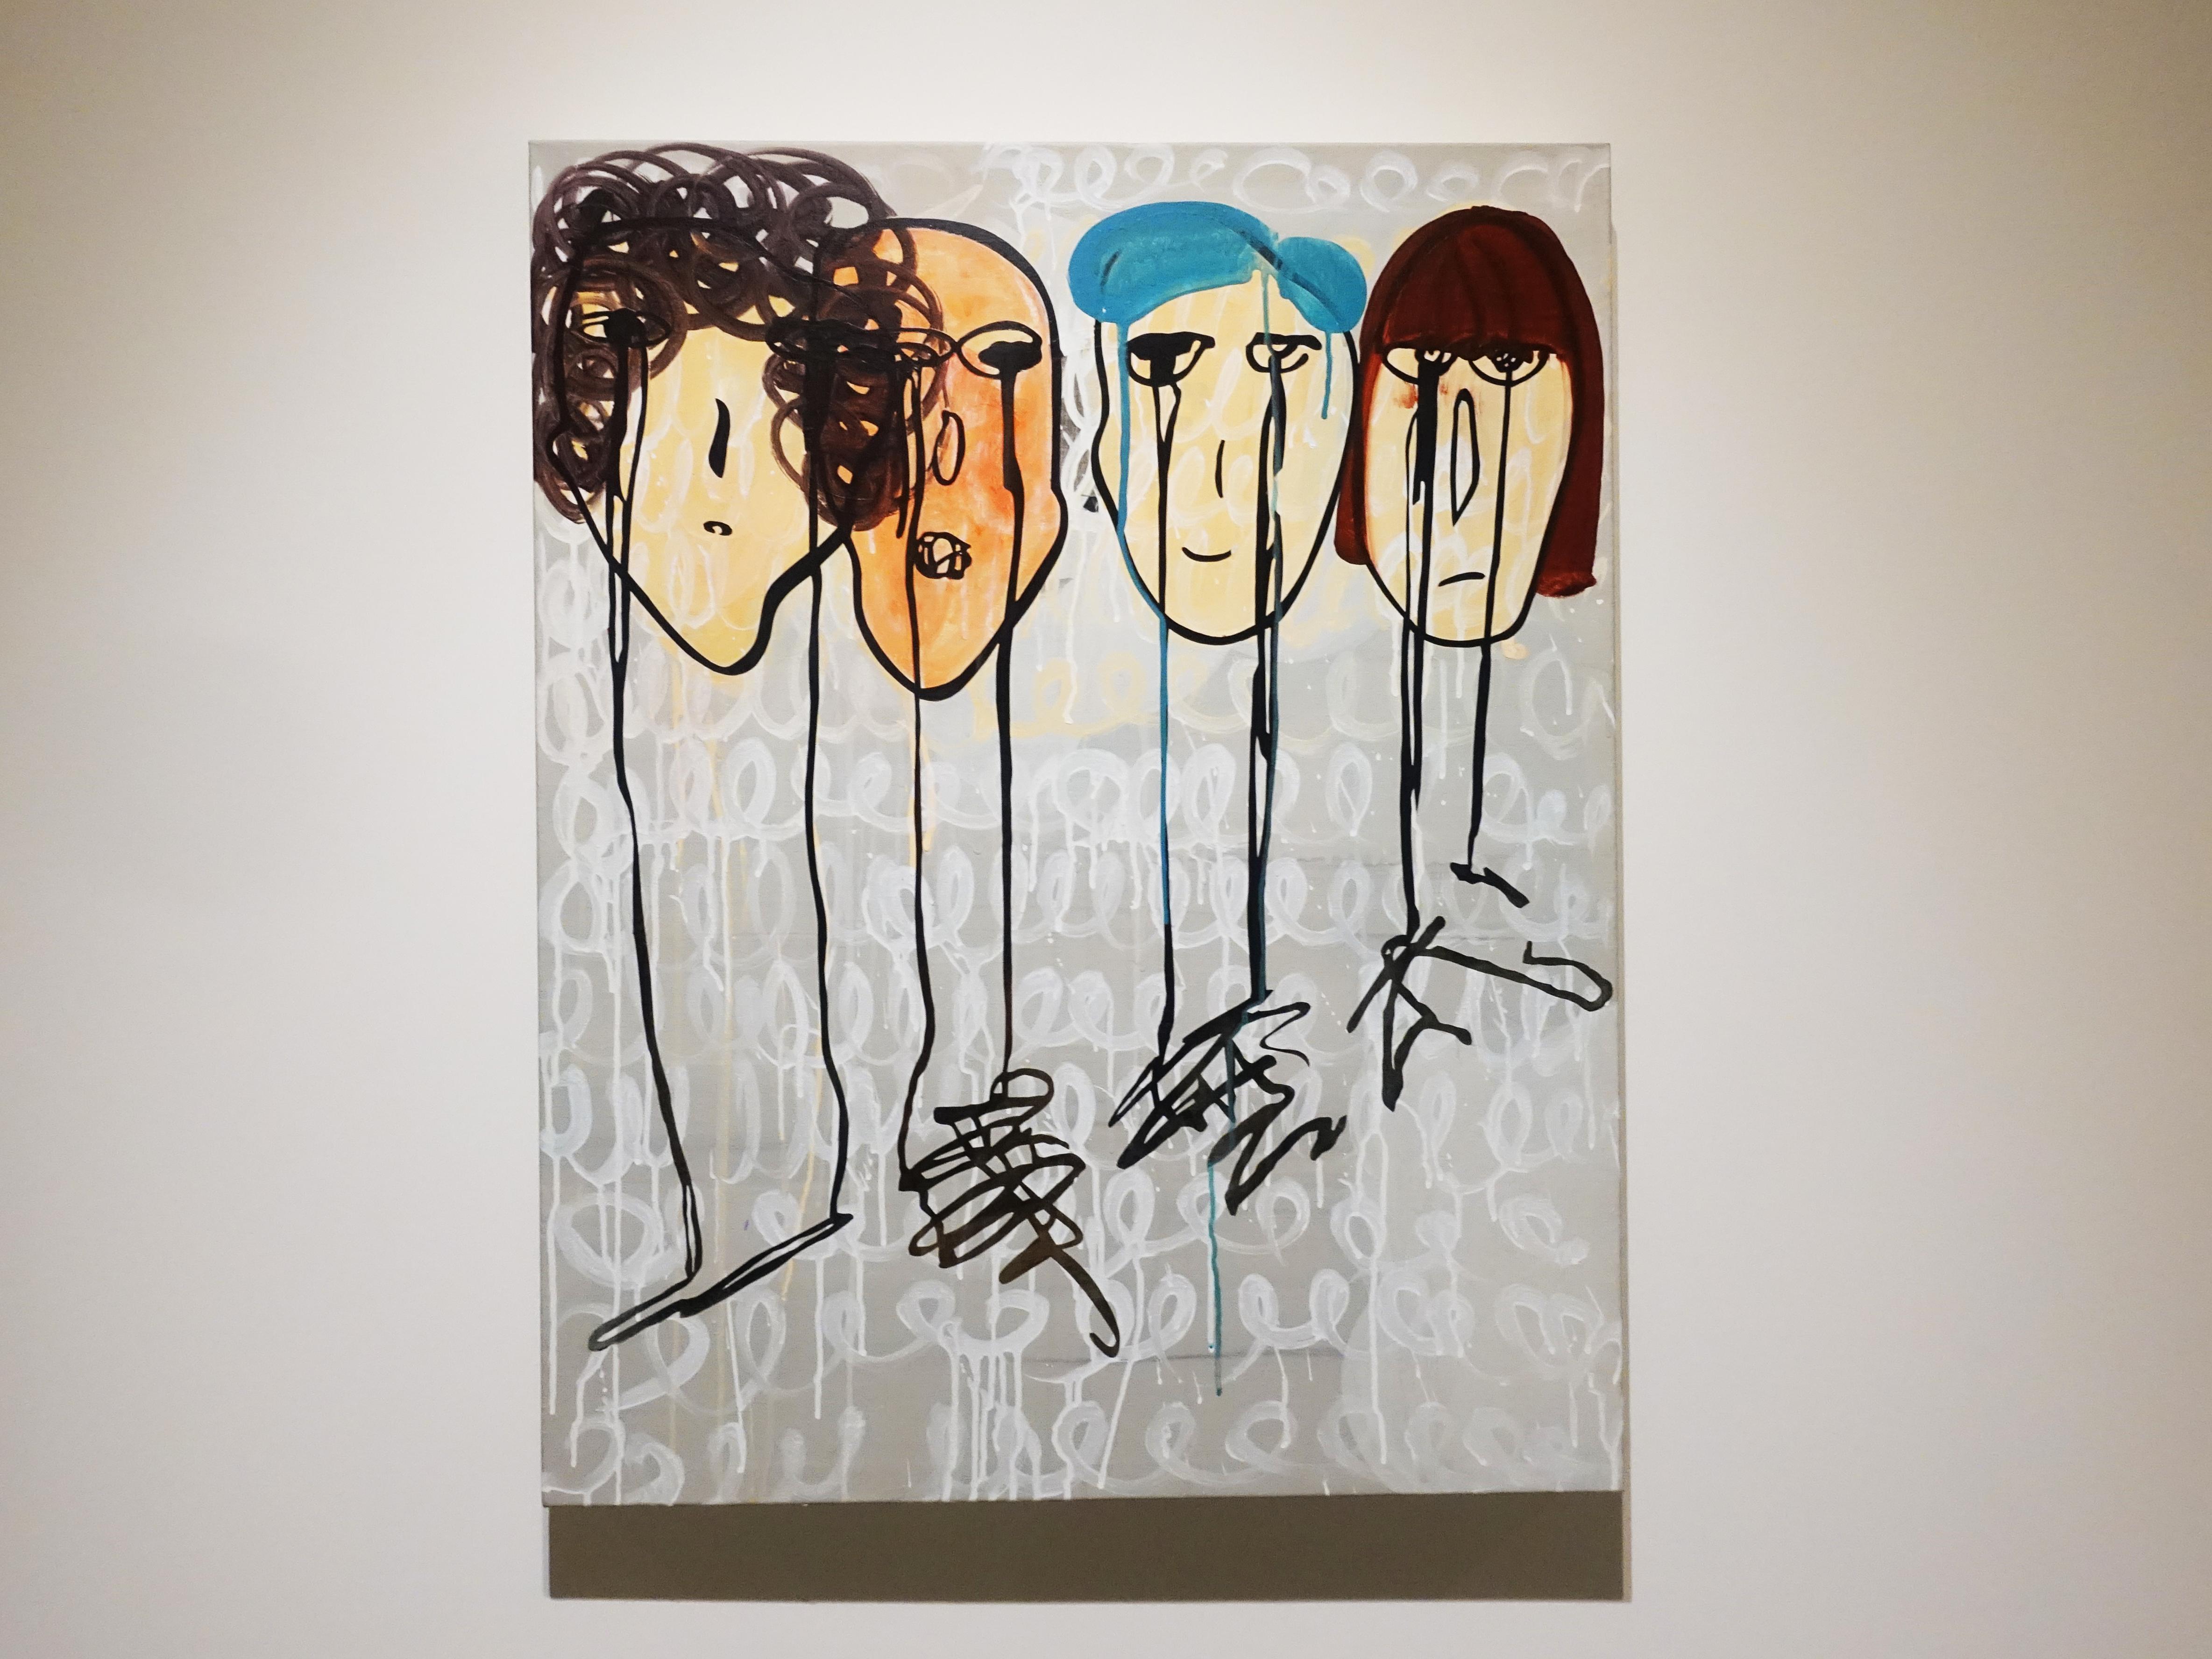 蕭筑方,《一事無成》,91 x 72.5 cm,壓克力顏料、畫布,2020。